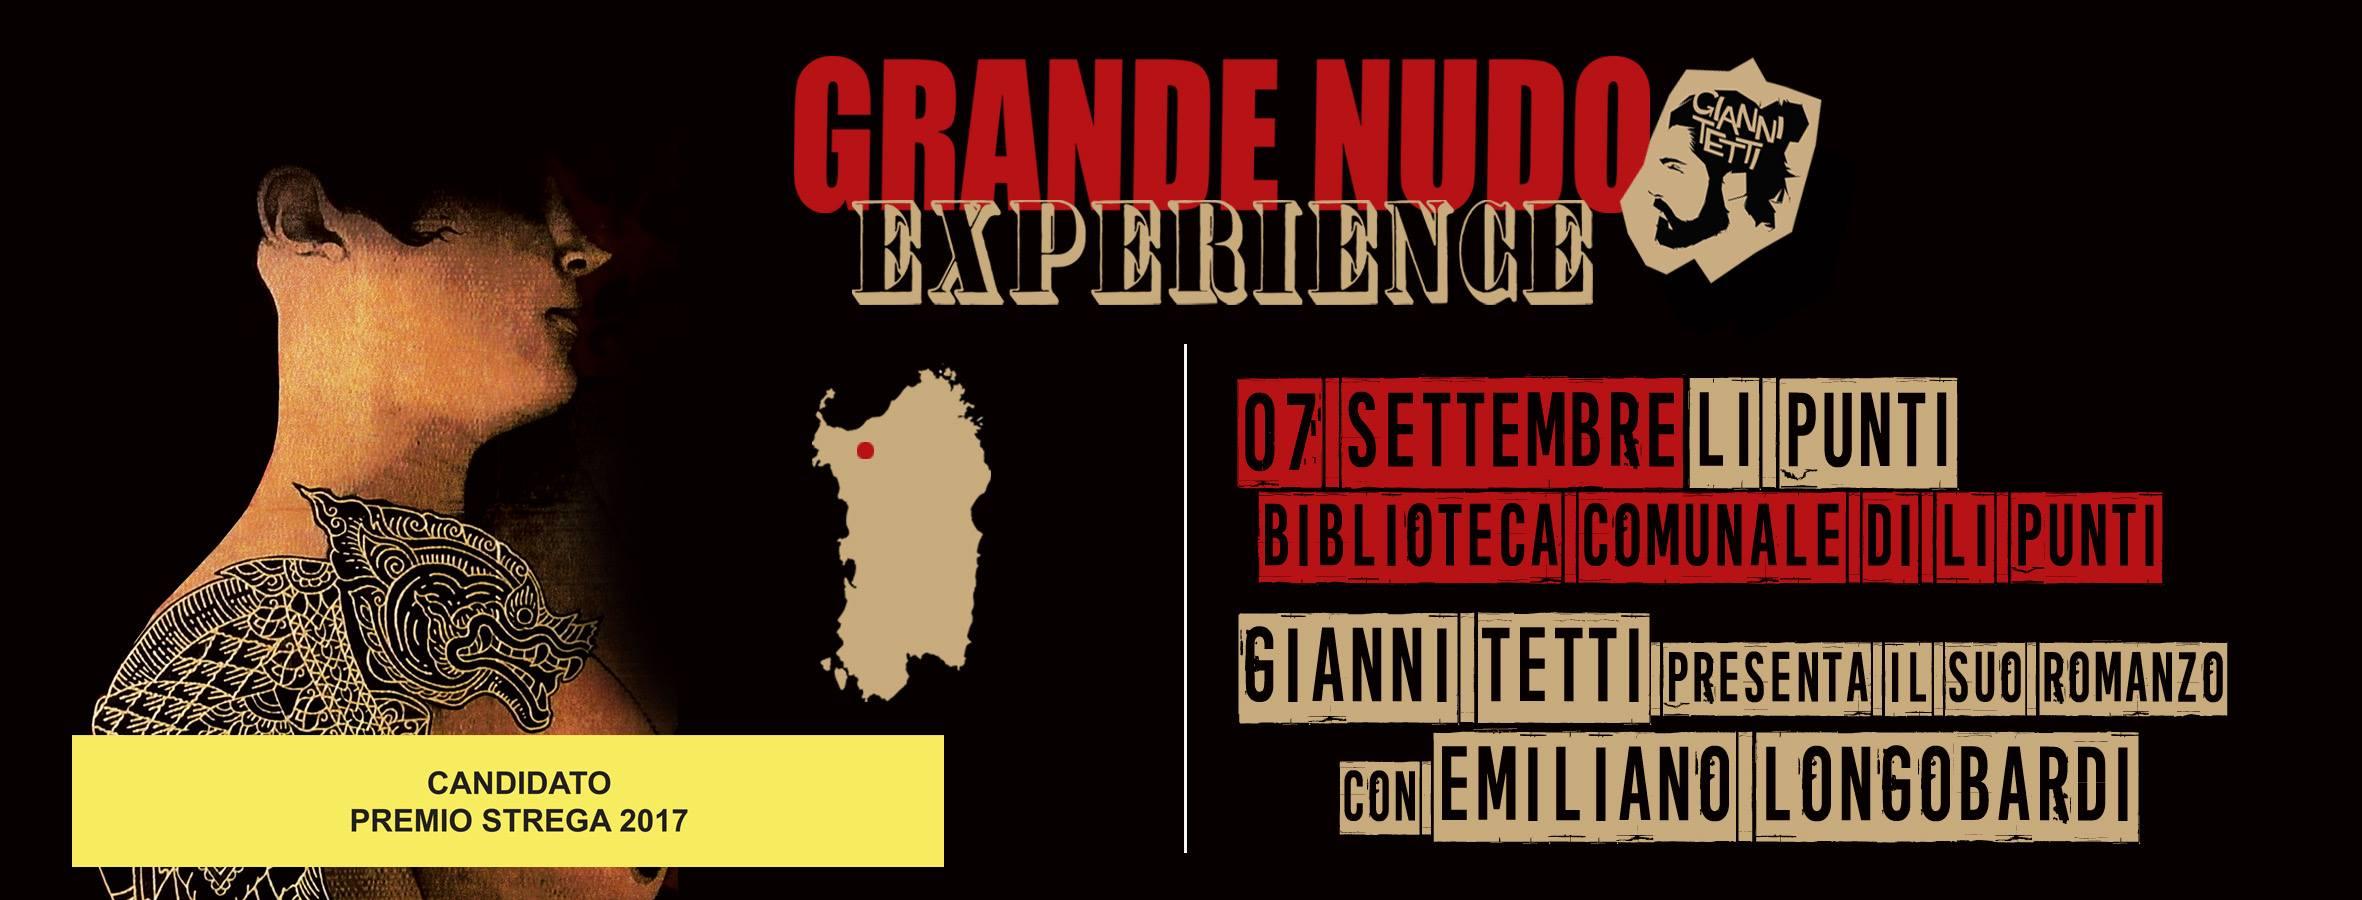 Presentazione del libro Grande Nudo di Gianni Tetti biblioteca comunale Li Punti Sassari 7 settembre 2017.